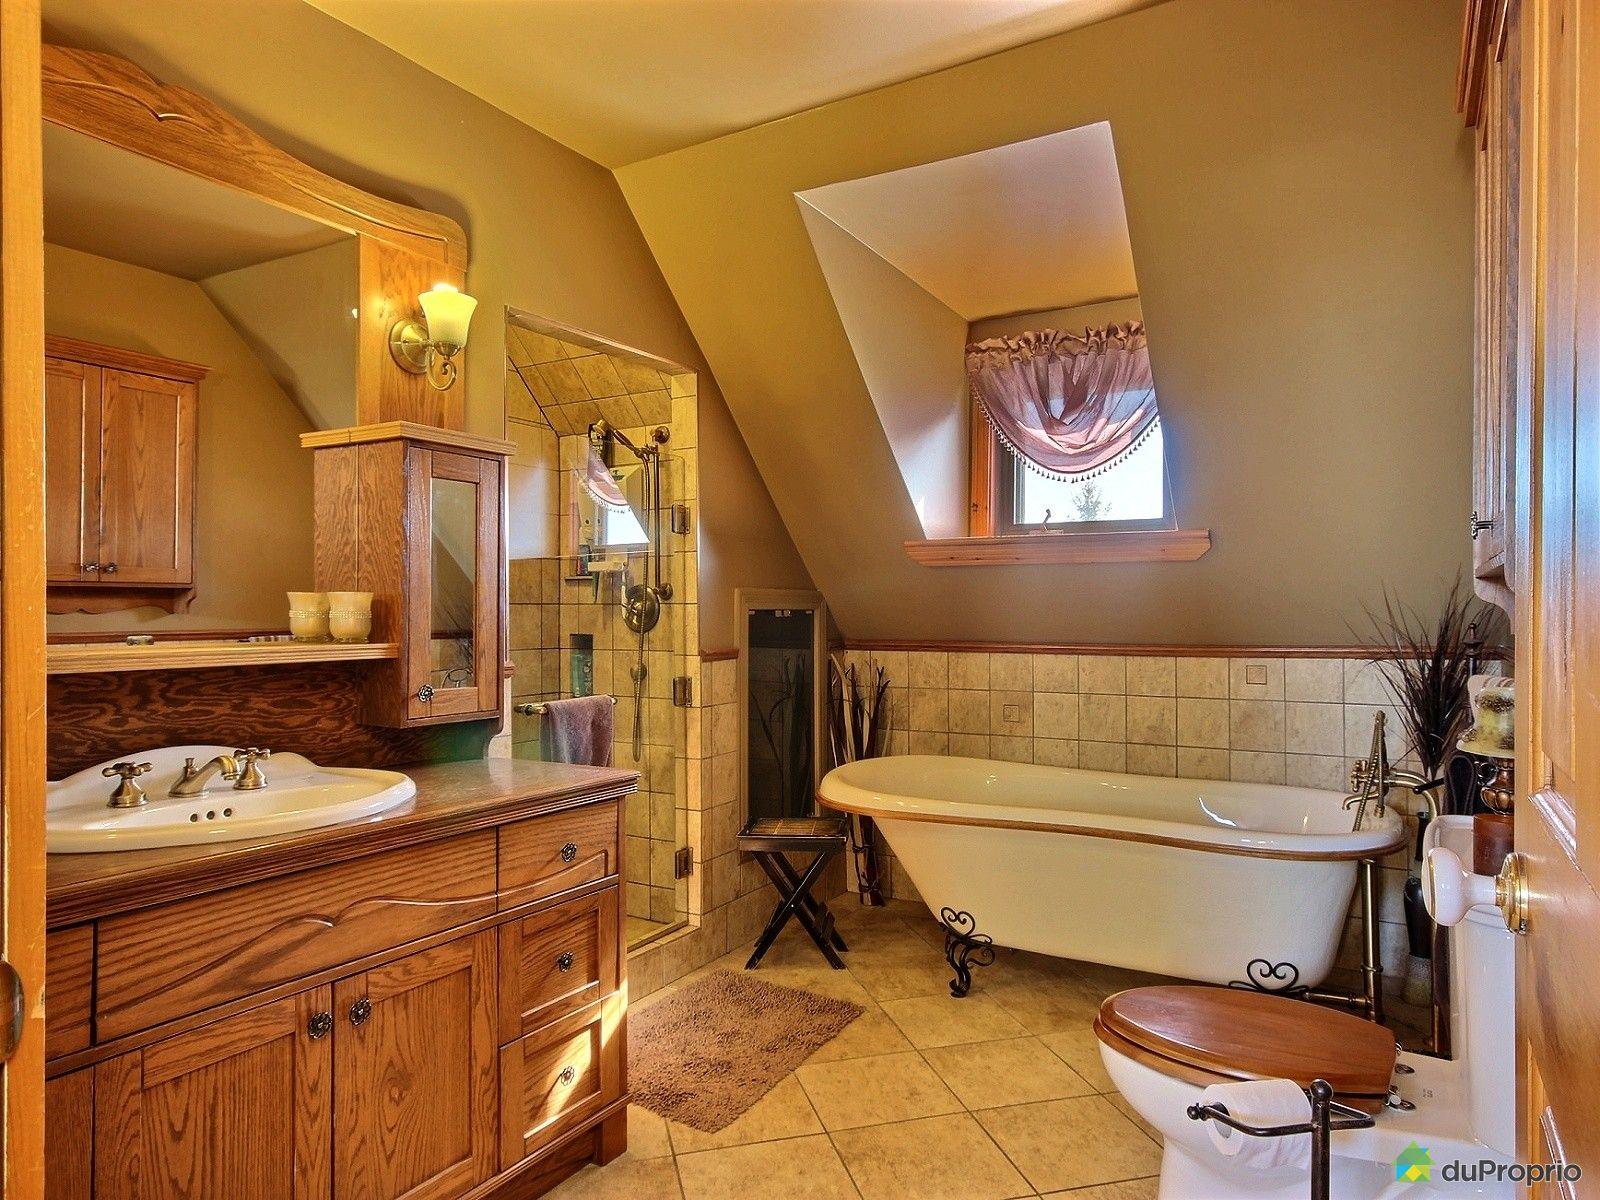 Maison vendre princeville 810 boulevard baril ouest immobilier qu bec d - Maison commercial a vendre ...